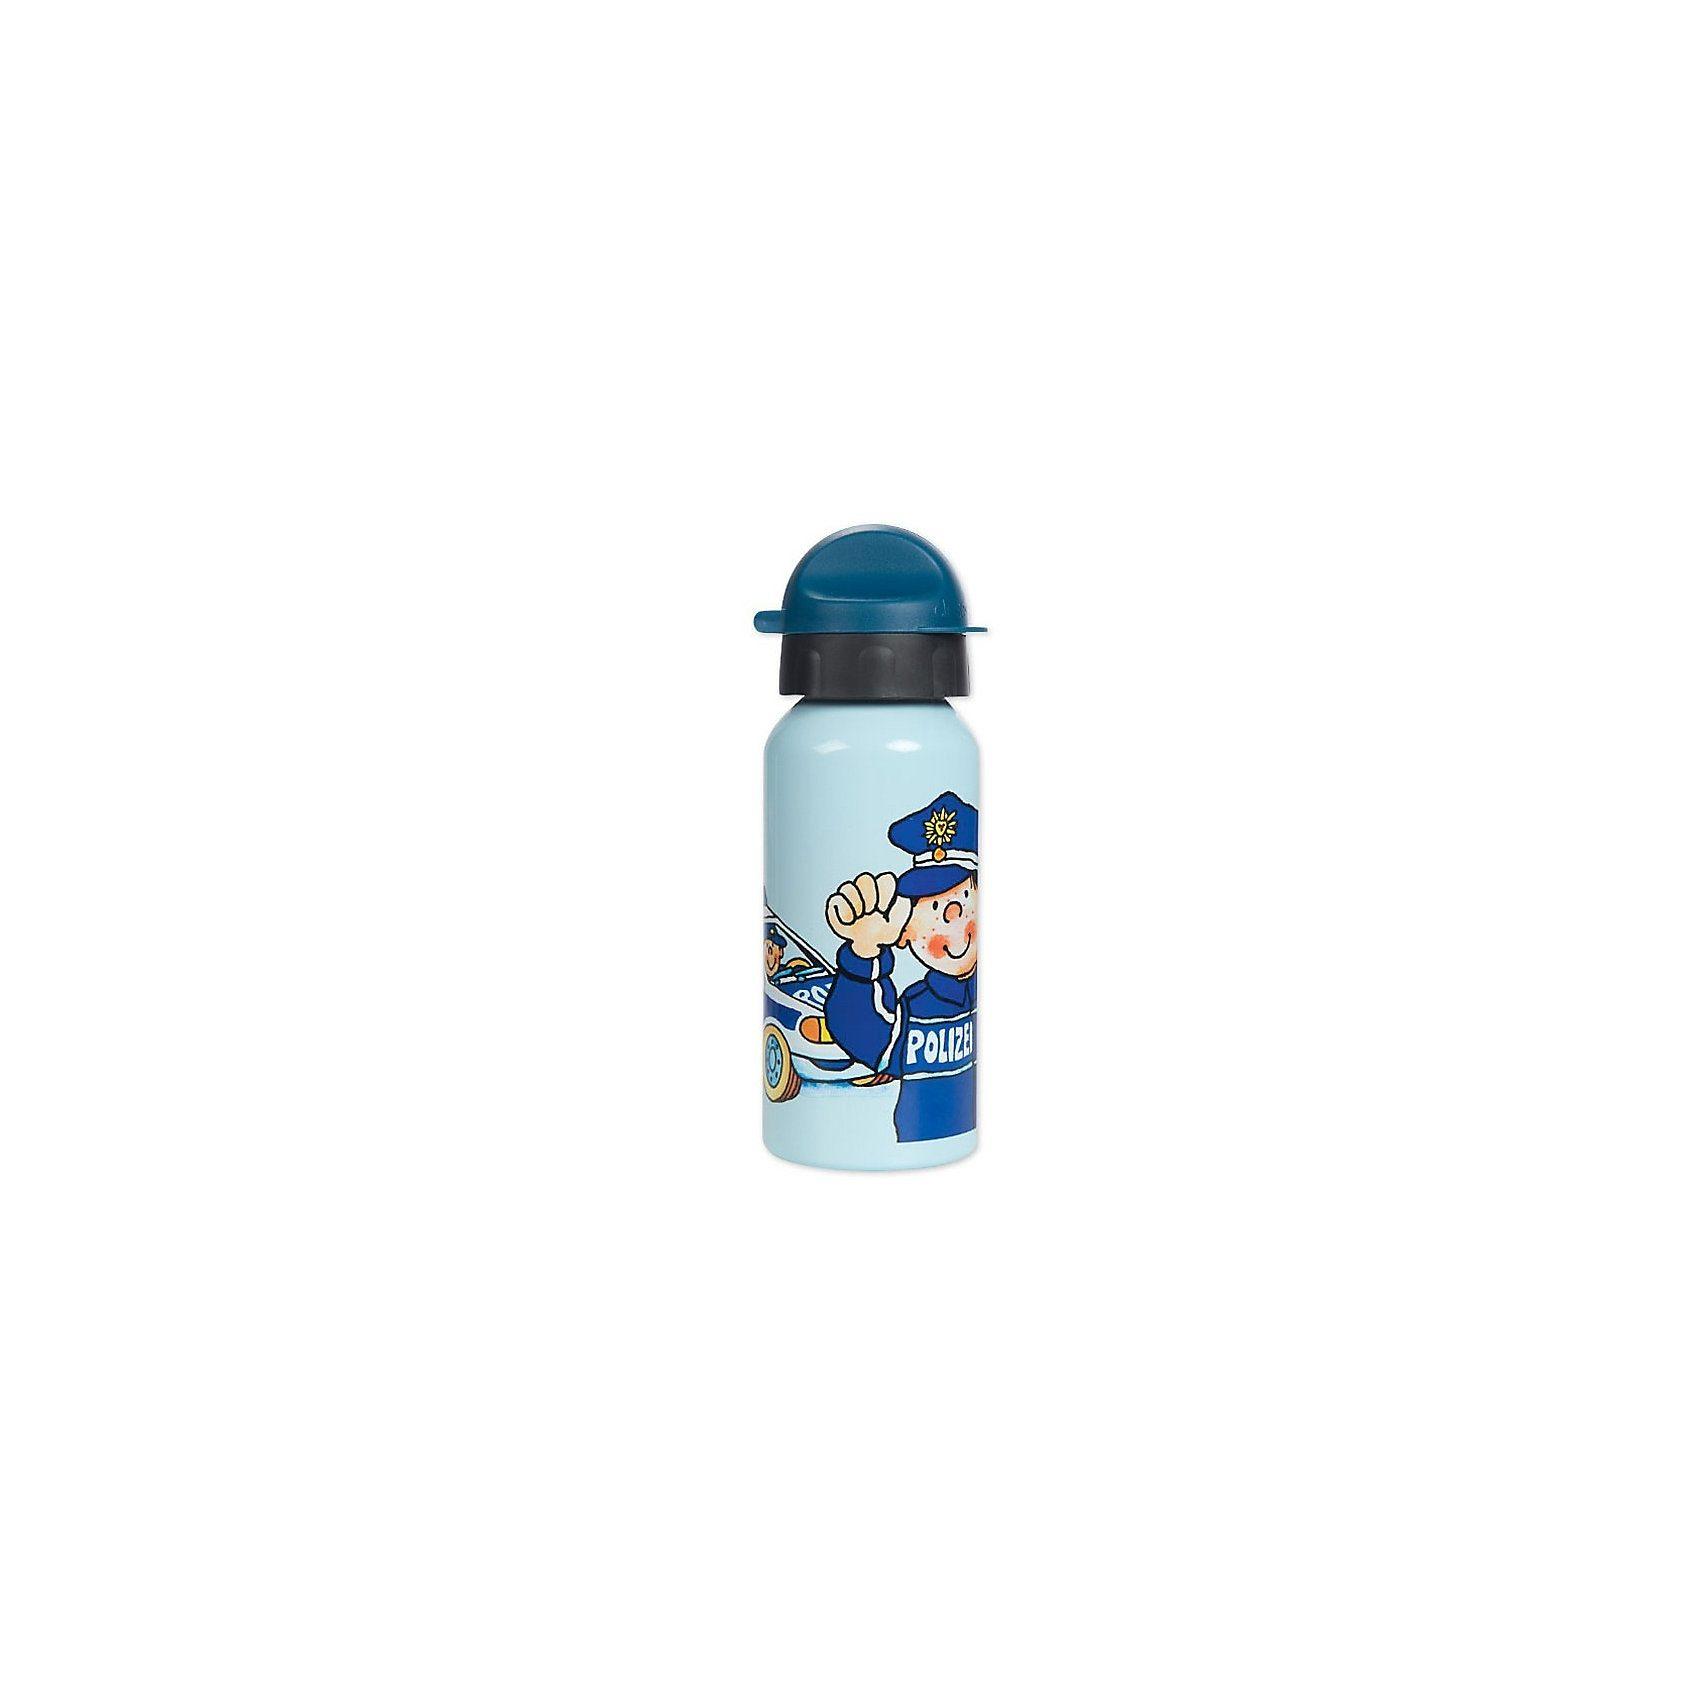 Lutz Mauder Verlag Trinkflasche Polizei, 400 ml